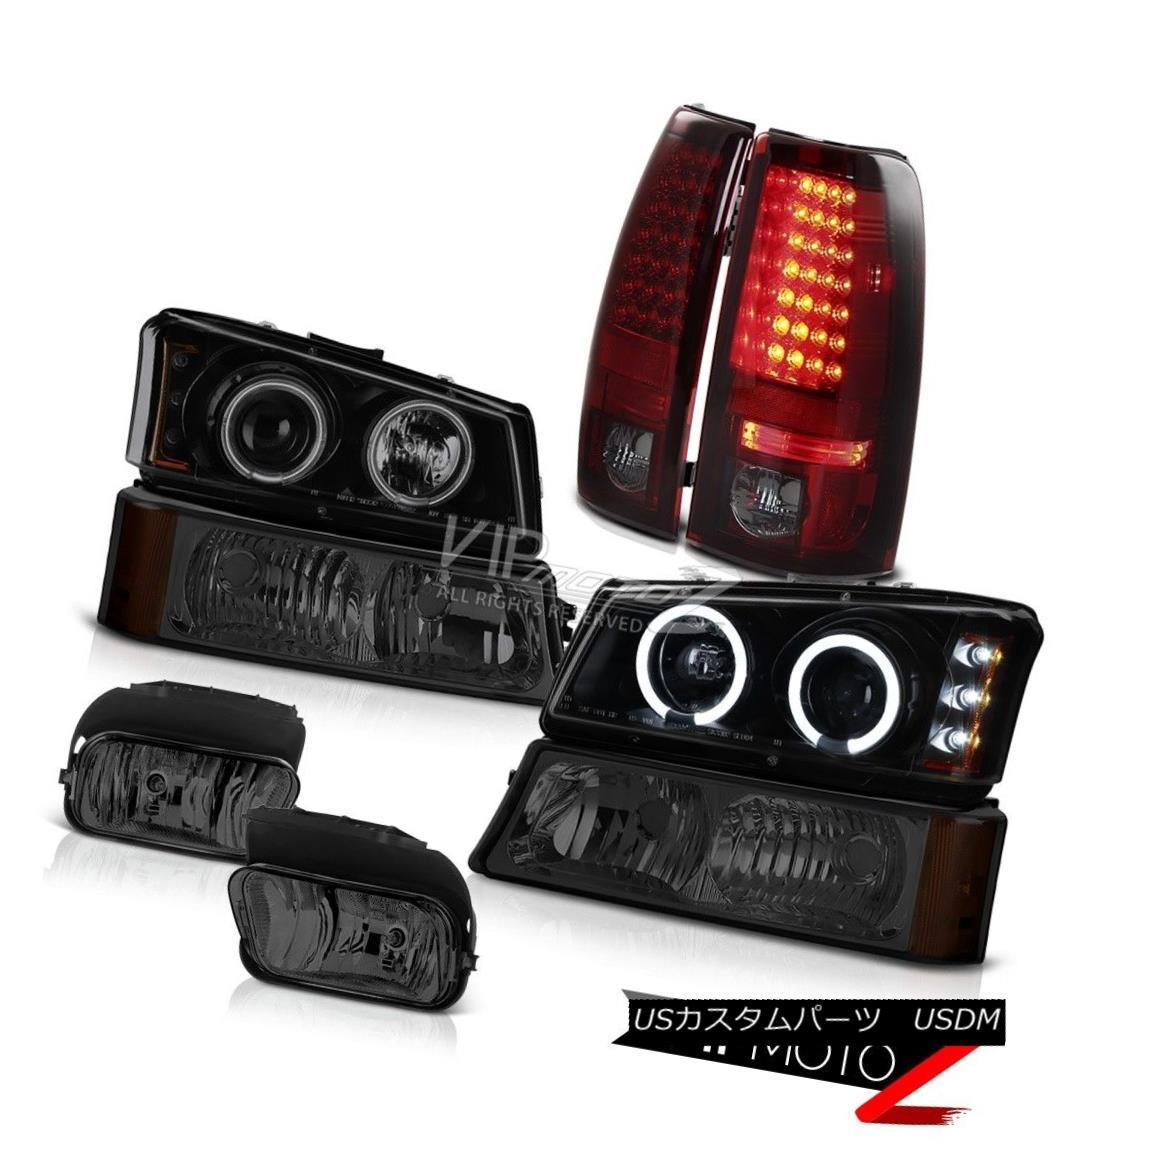 ヘッドライト C.C.F.L Headlight Bumper Signal Rear Light Foglight 2003-2006 Silverado 6.0L V8 C.C.F.LヘッドライトバンパーシグナルリアライトFoglight 2003-2006 Silverado 6.0L V8